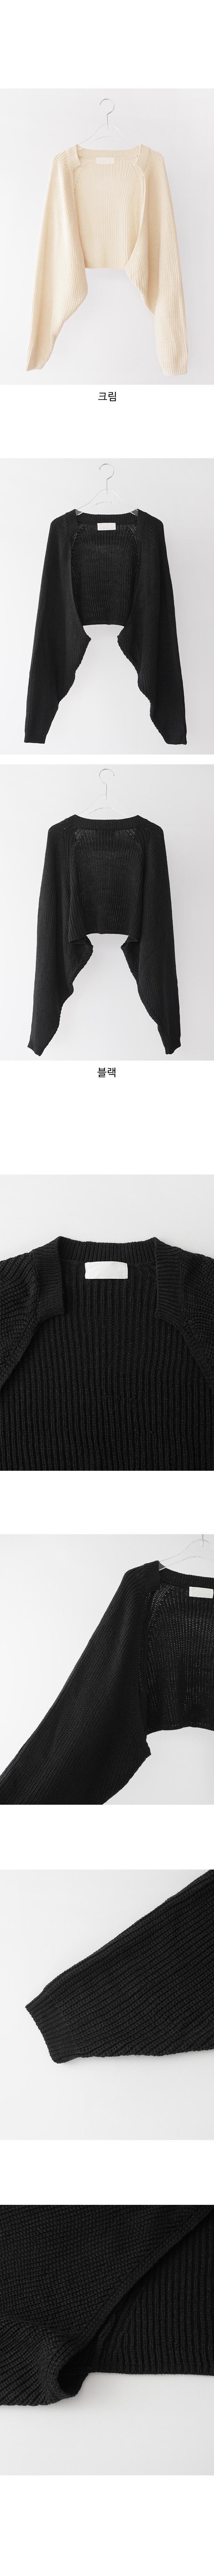 bolero knitting cardigan